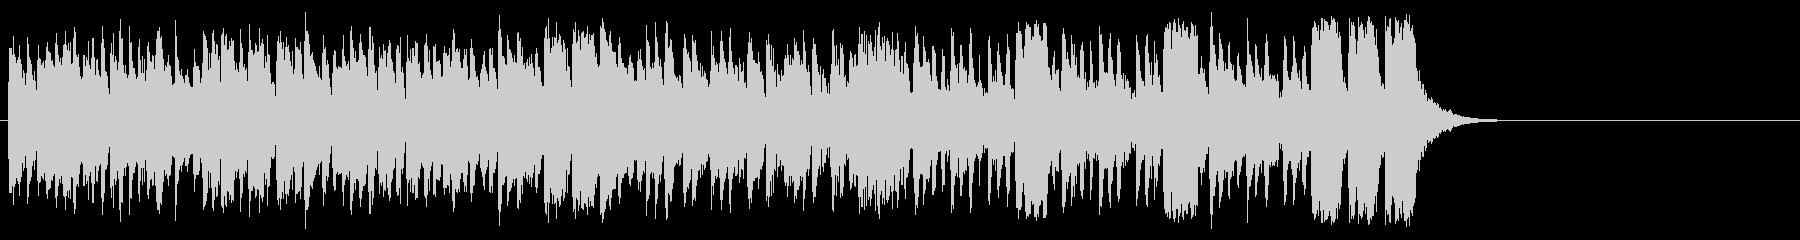 活気あふれるポップ(サビ~イントロ)の未再生の波形